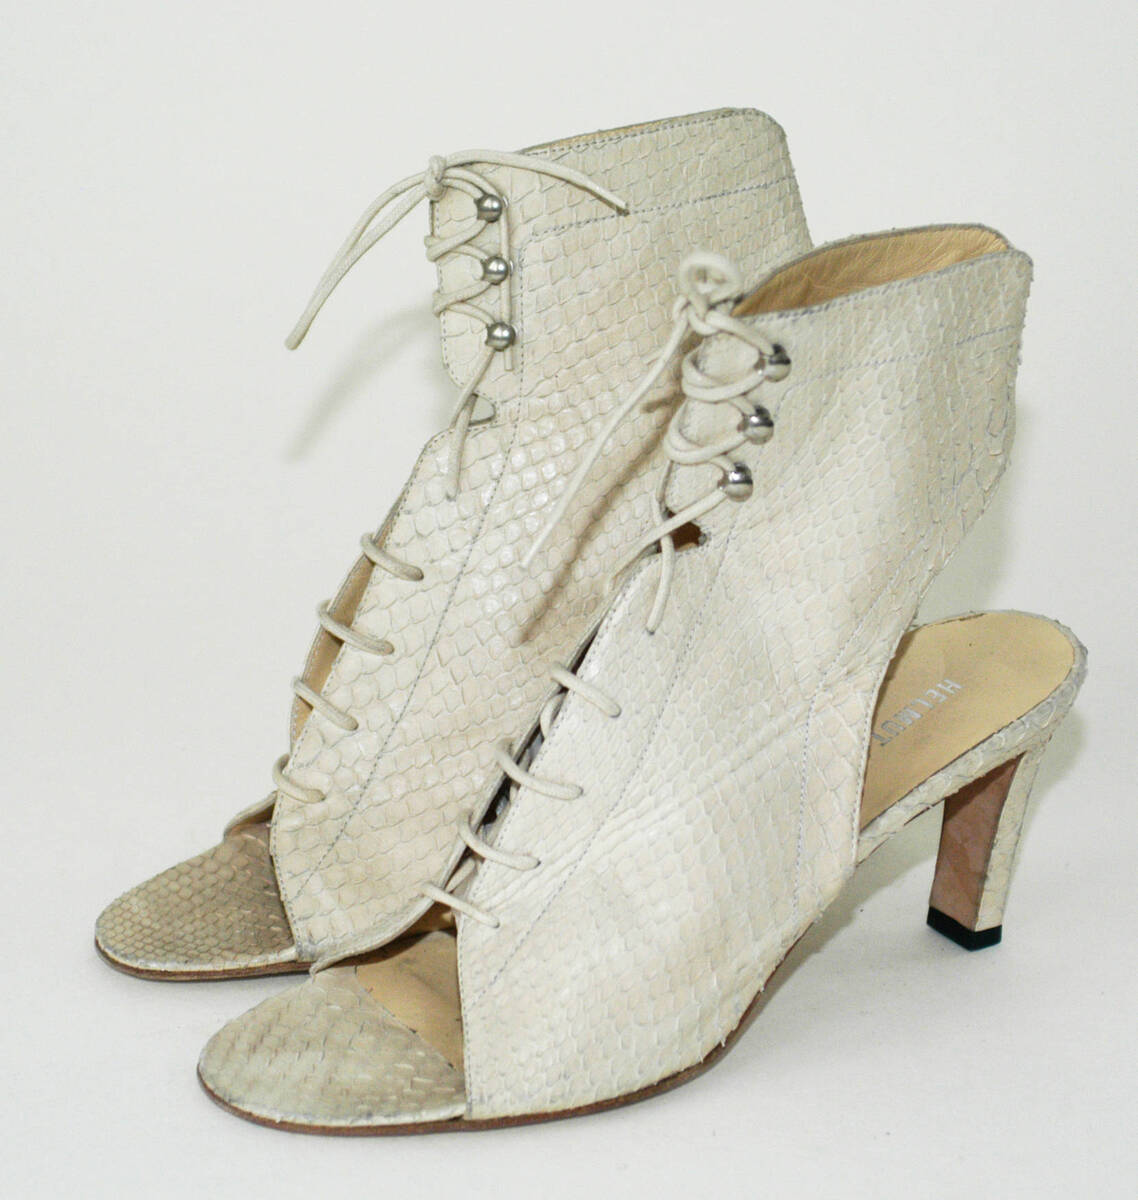 Sandalette (Paar) - beige (deskriptiver Titel) von Lang, Helmut